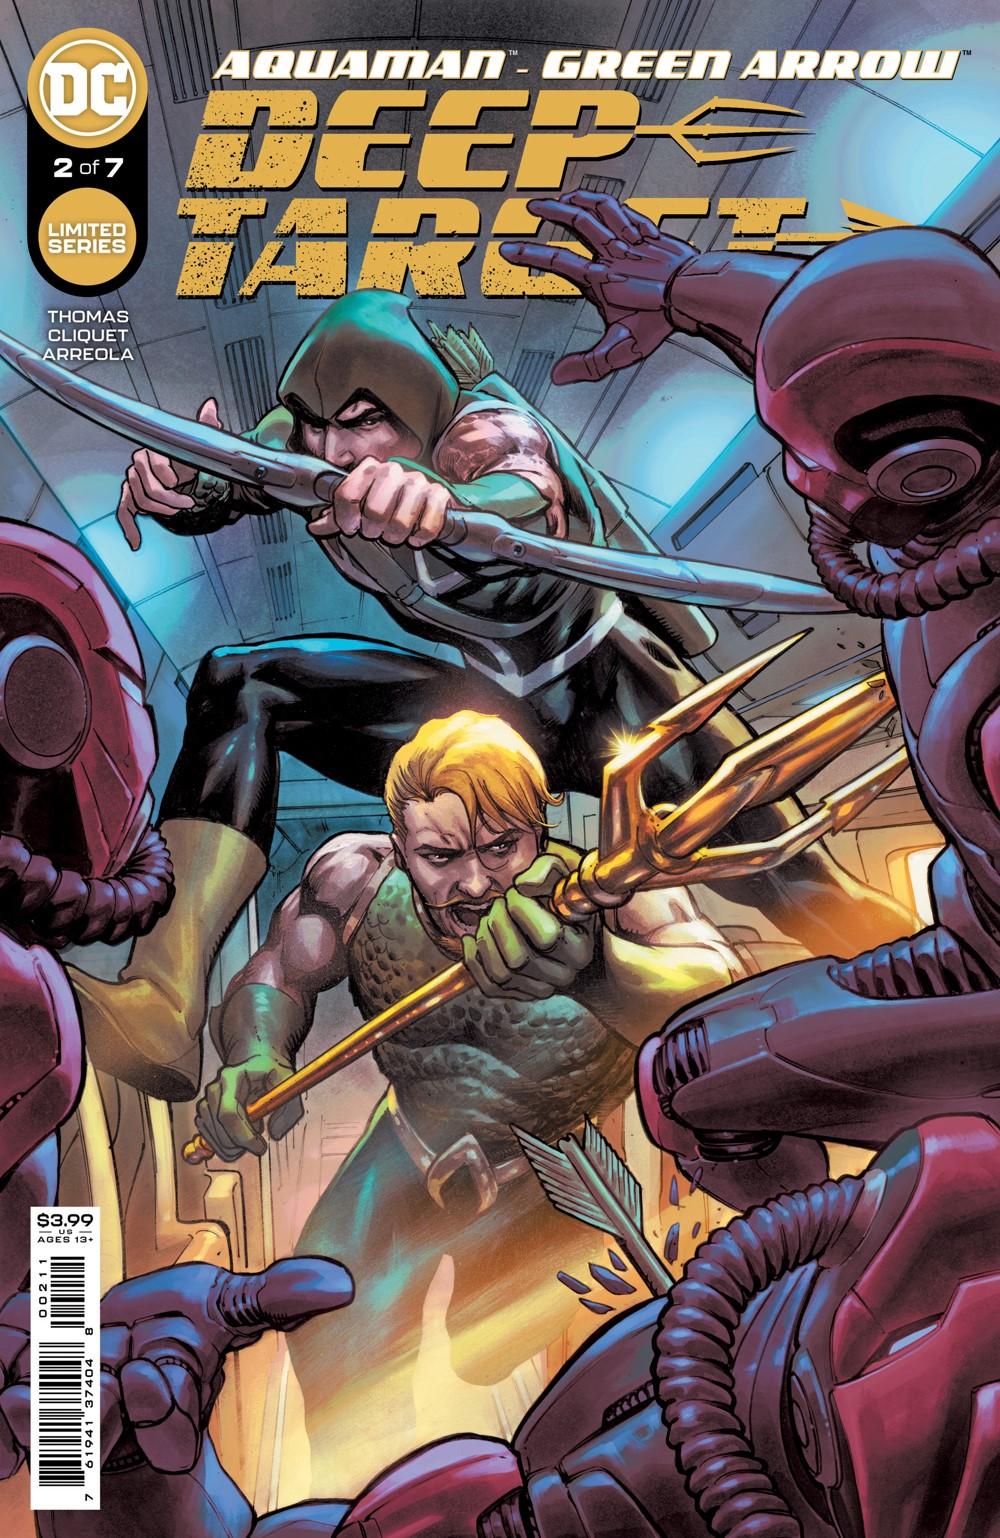 AQMAN_GREEN_ARROW_DEEP_TARGET_Cv2 DC Comics November 2021 Solicitations